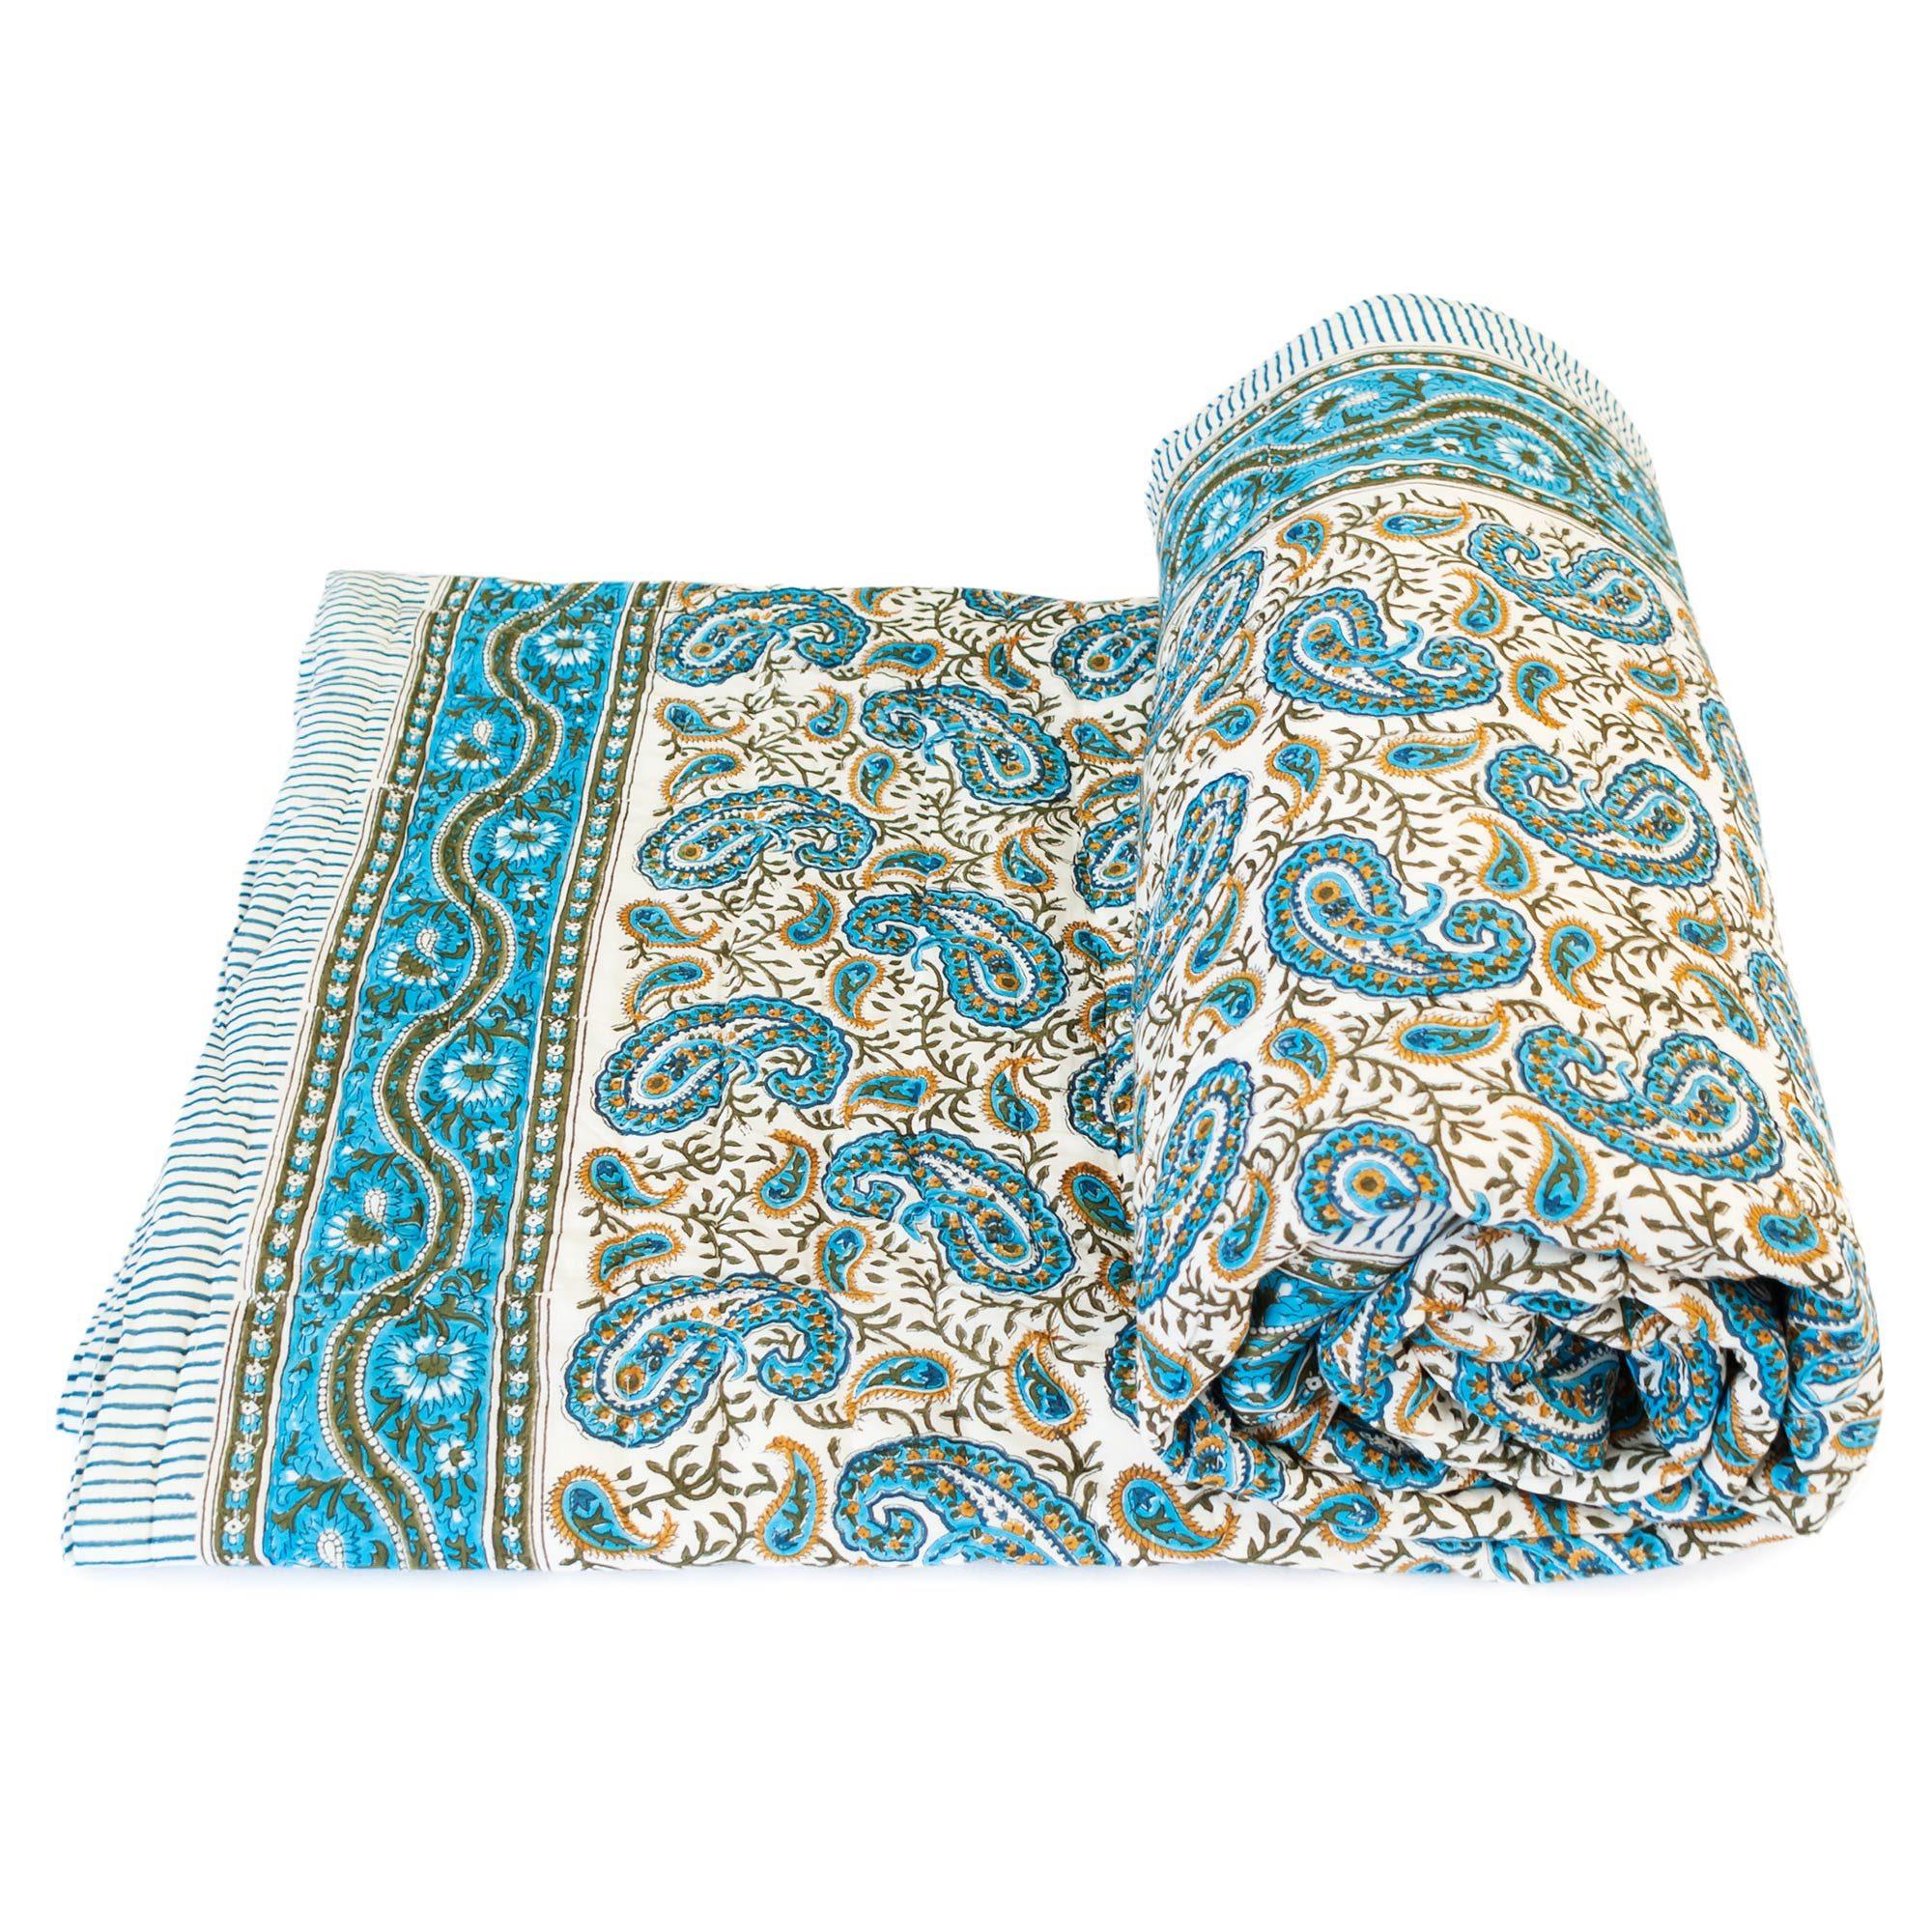 Tara-Textile - indische Decke - Leichte Decke Jamuna